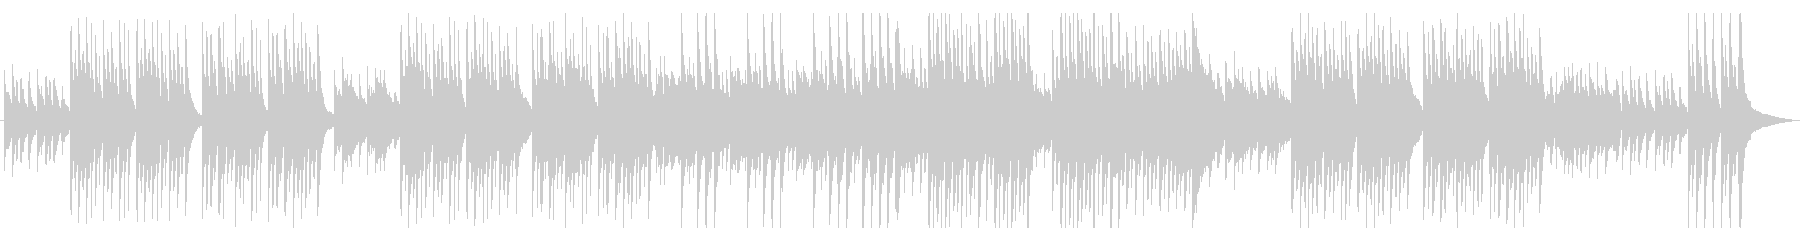 ノスタルジックなアコギとピアノの未再生の波形